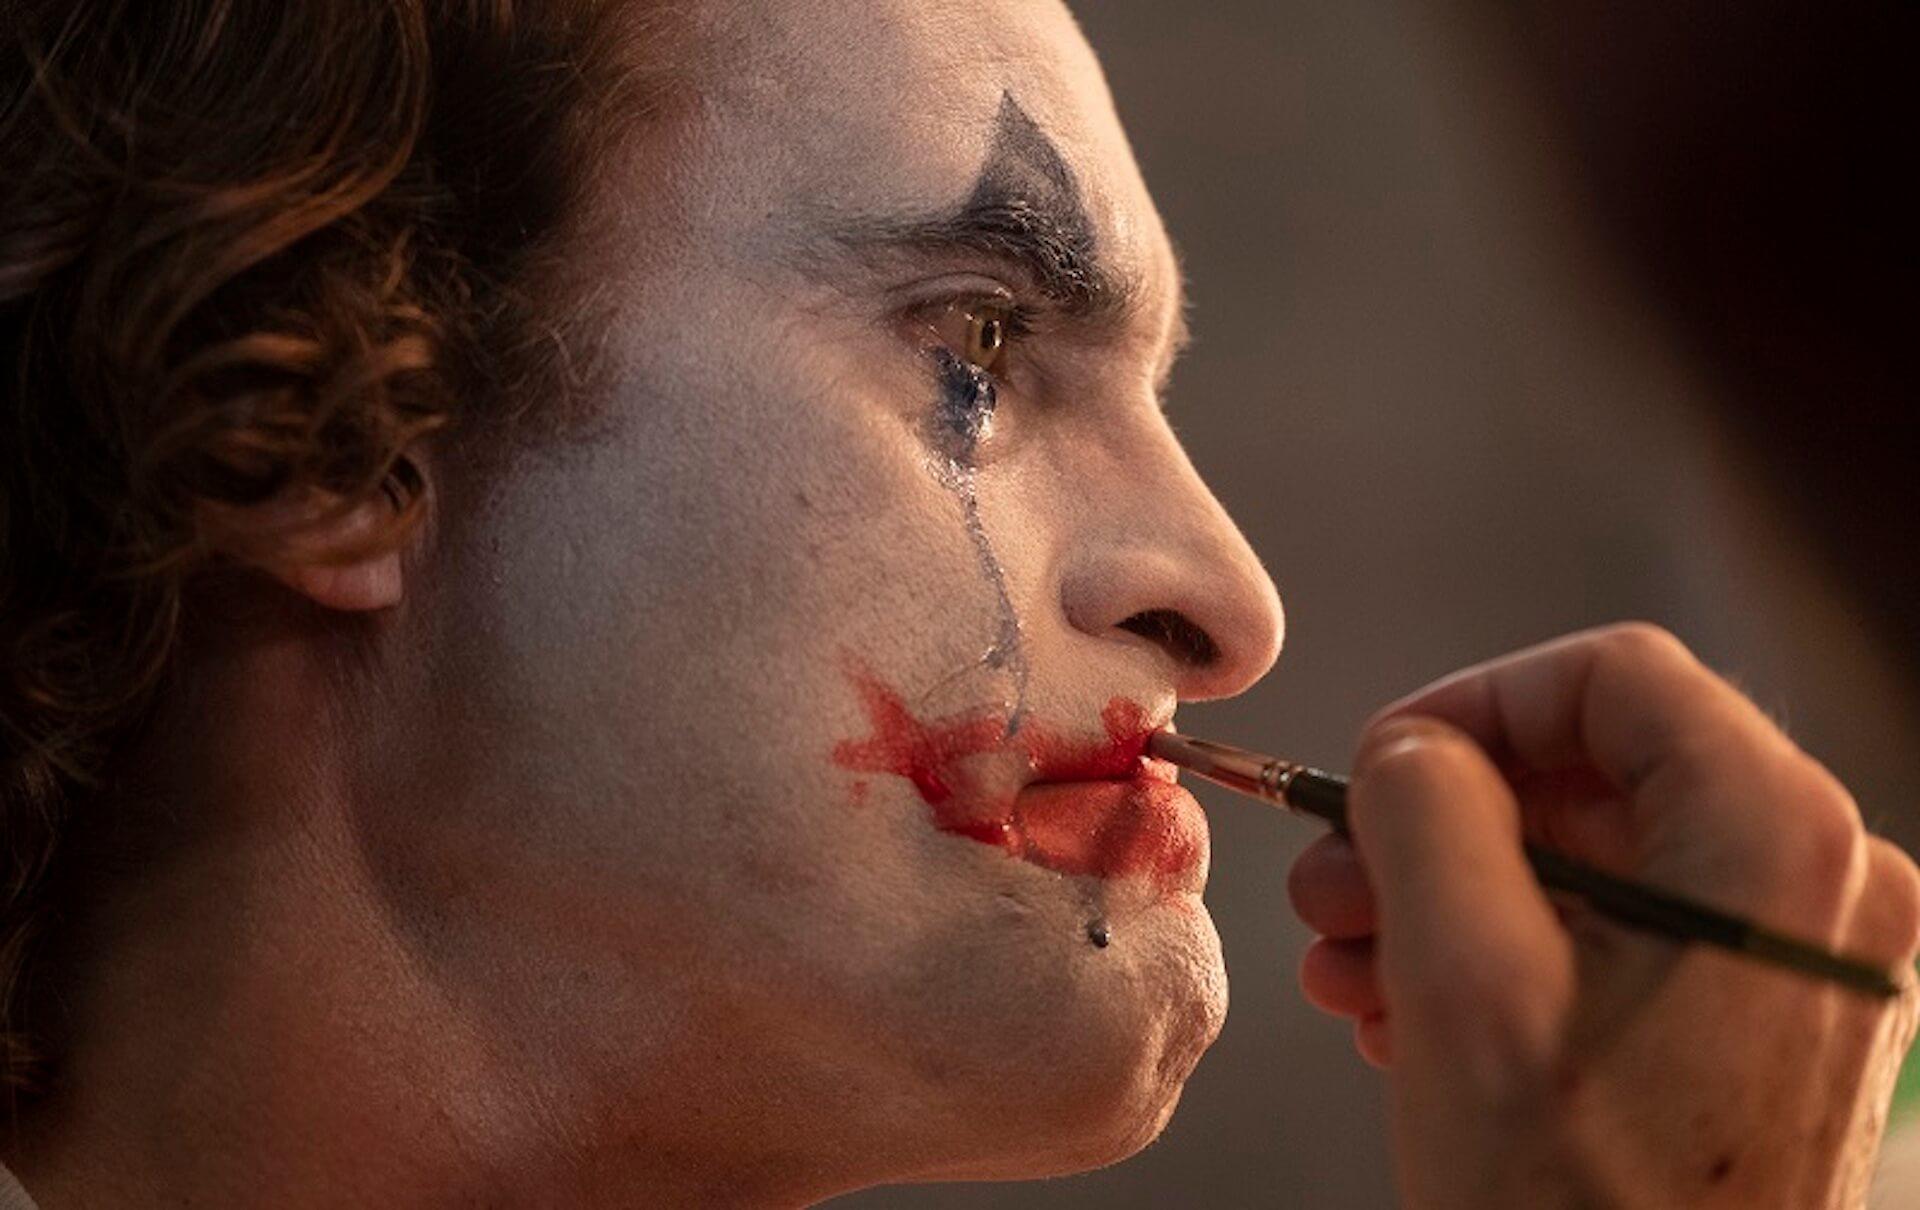 『ジョーカー』の勢いが止まらない! 公開から12日間で早くも興収20億円突破 film191016_joker_1